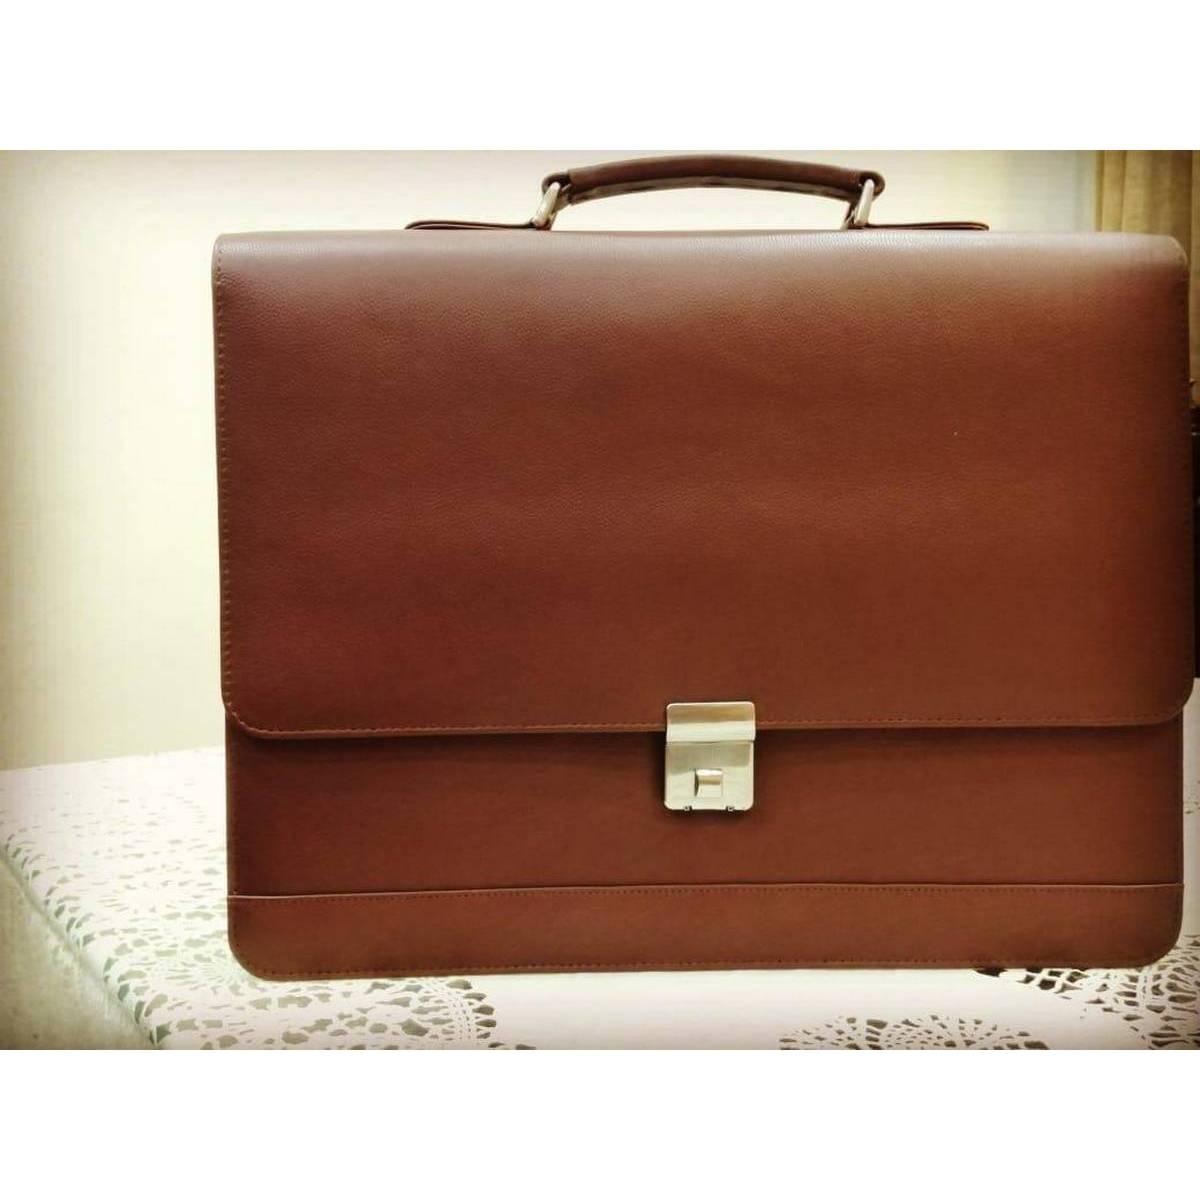 Genuine leather messenger bag laptop bag shoulder bag for women gift for men office bag work briefcase